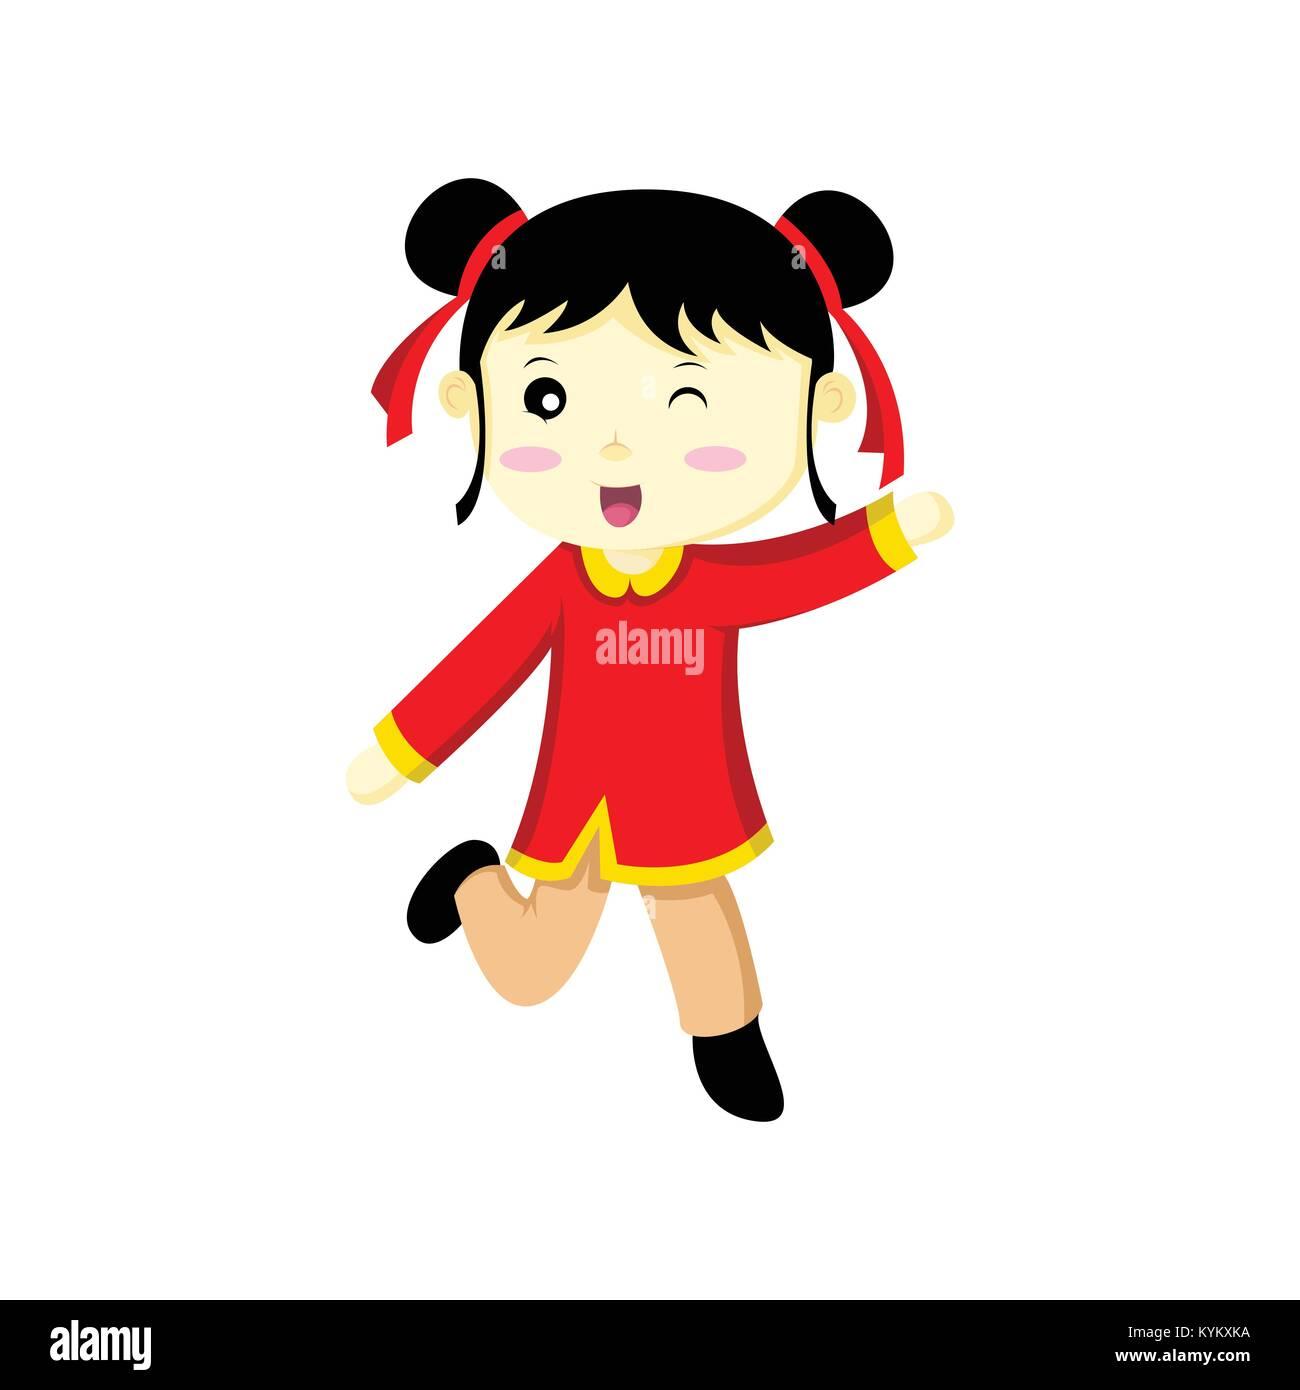 c1d31ba86d Felice carina ragazza cinese Wink illustrazione vettoriale Graphic Design  Immagini Stock